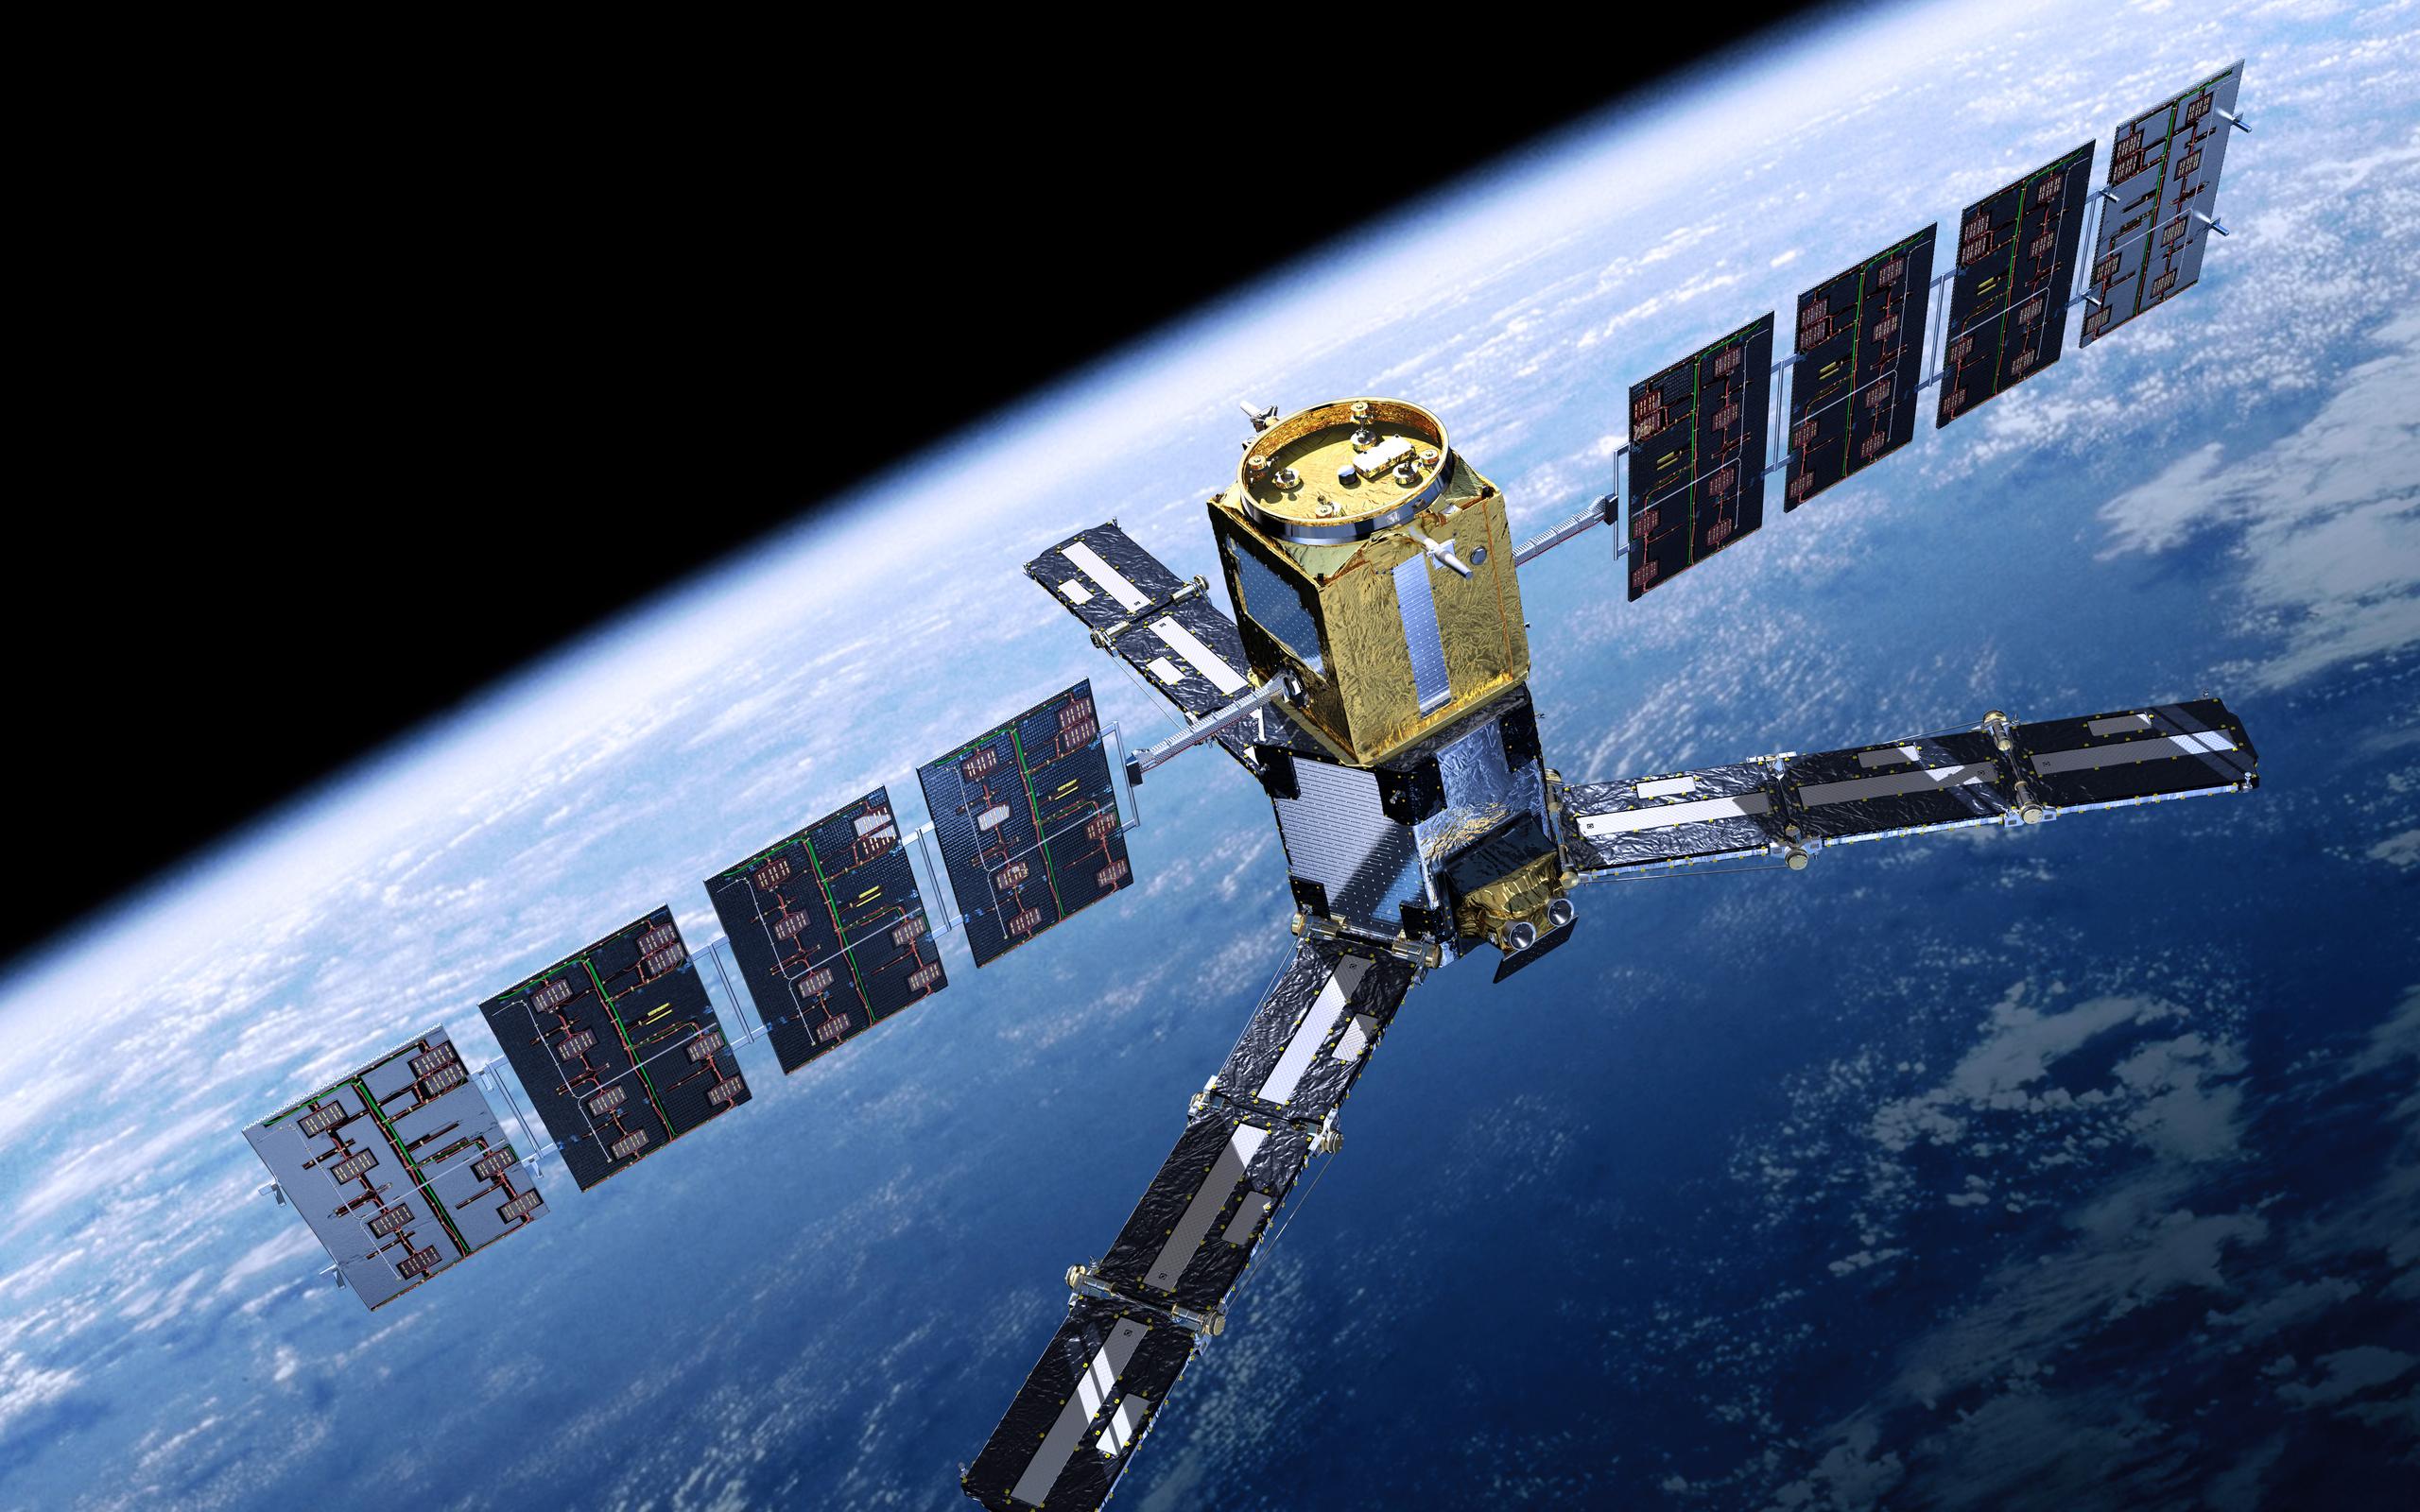 НАБУ: запуск первого украинского спутника «Лыбидь» не состоялся, поскольку из «Укркосмоса» похитили свыше $8 млн